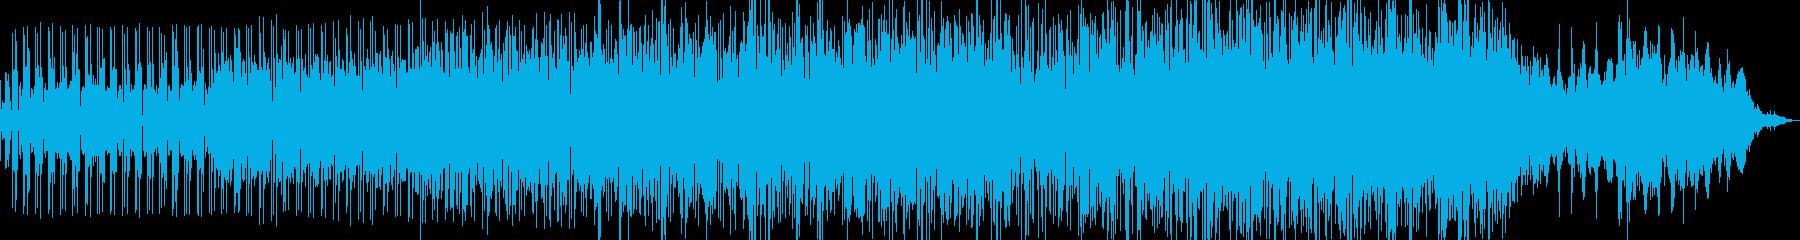 ノイジーでビート感のあるエレクトロニカの再生済みの波形